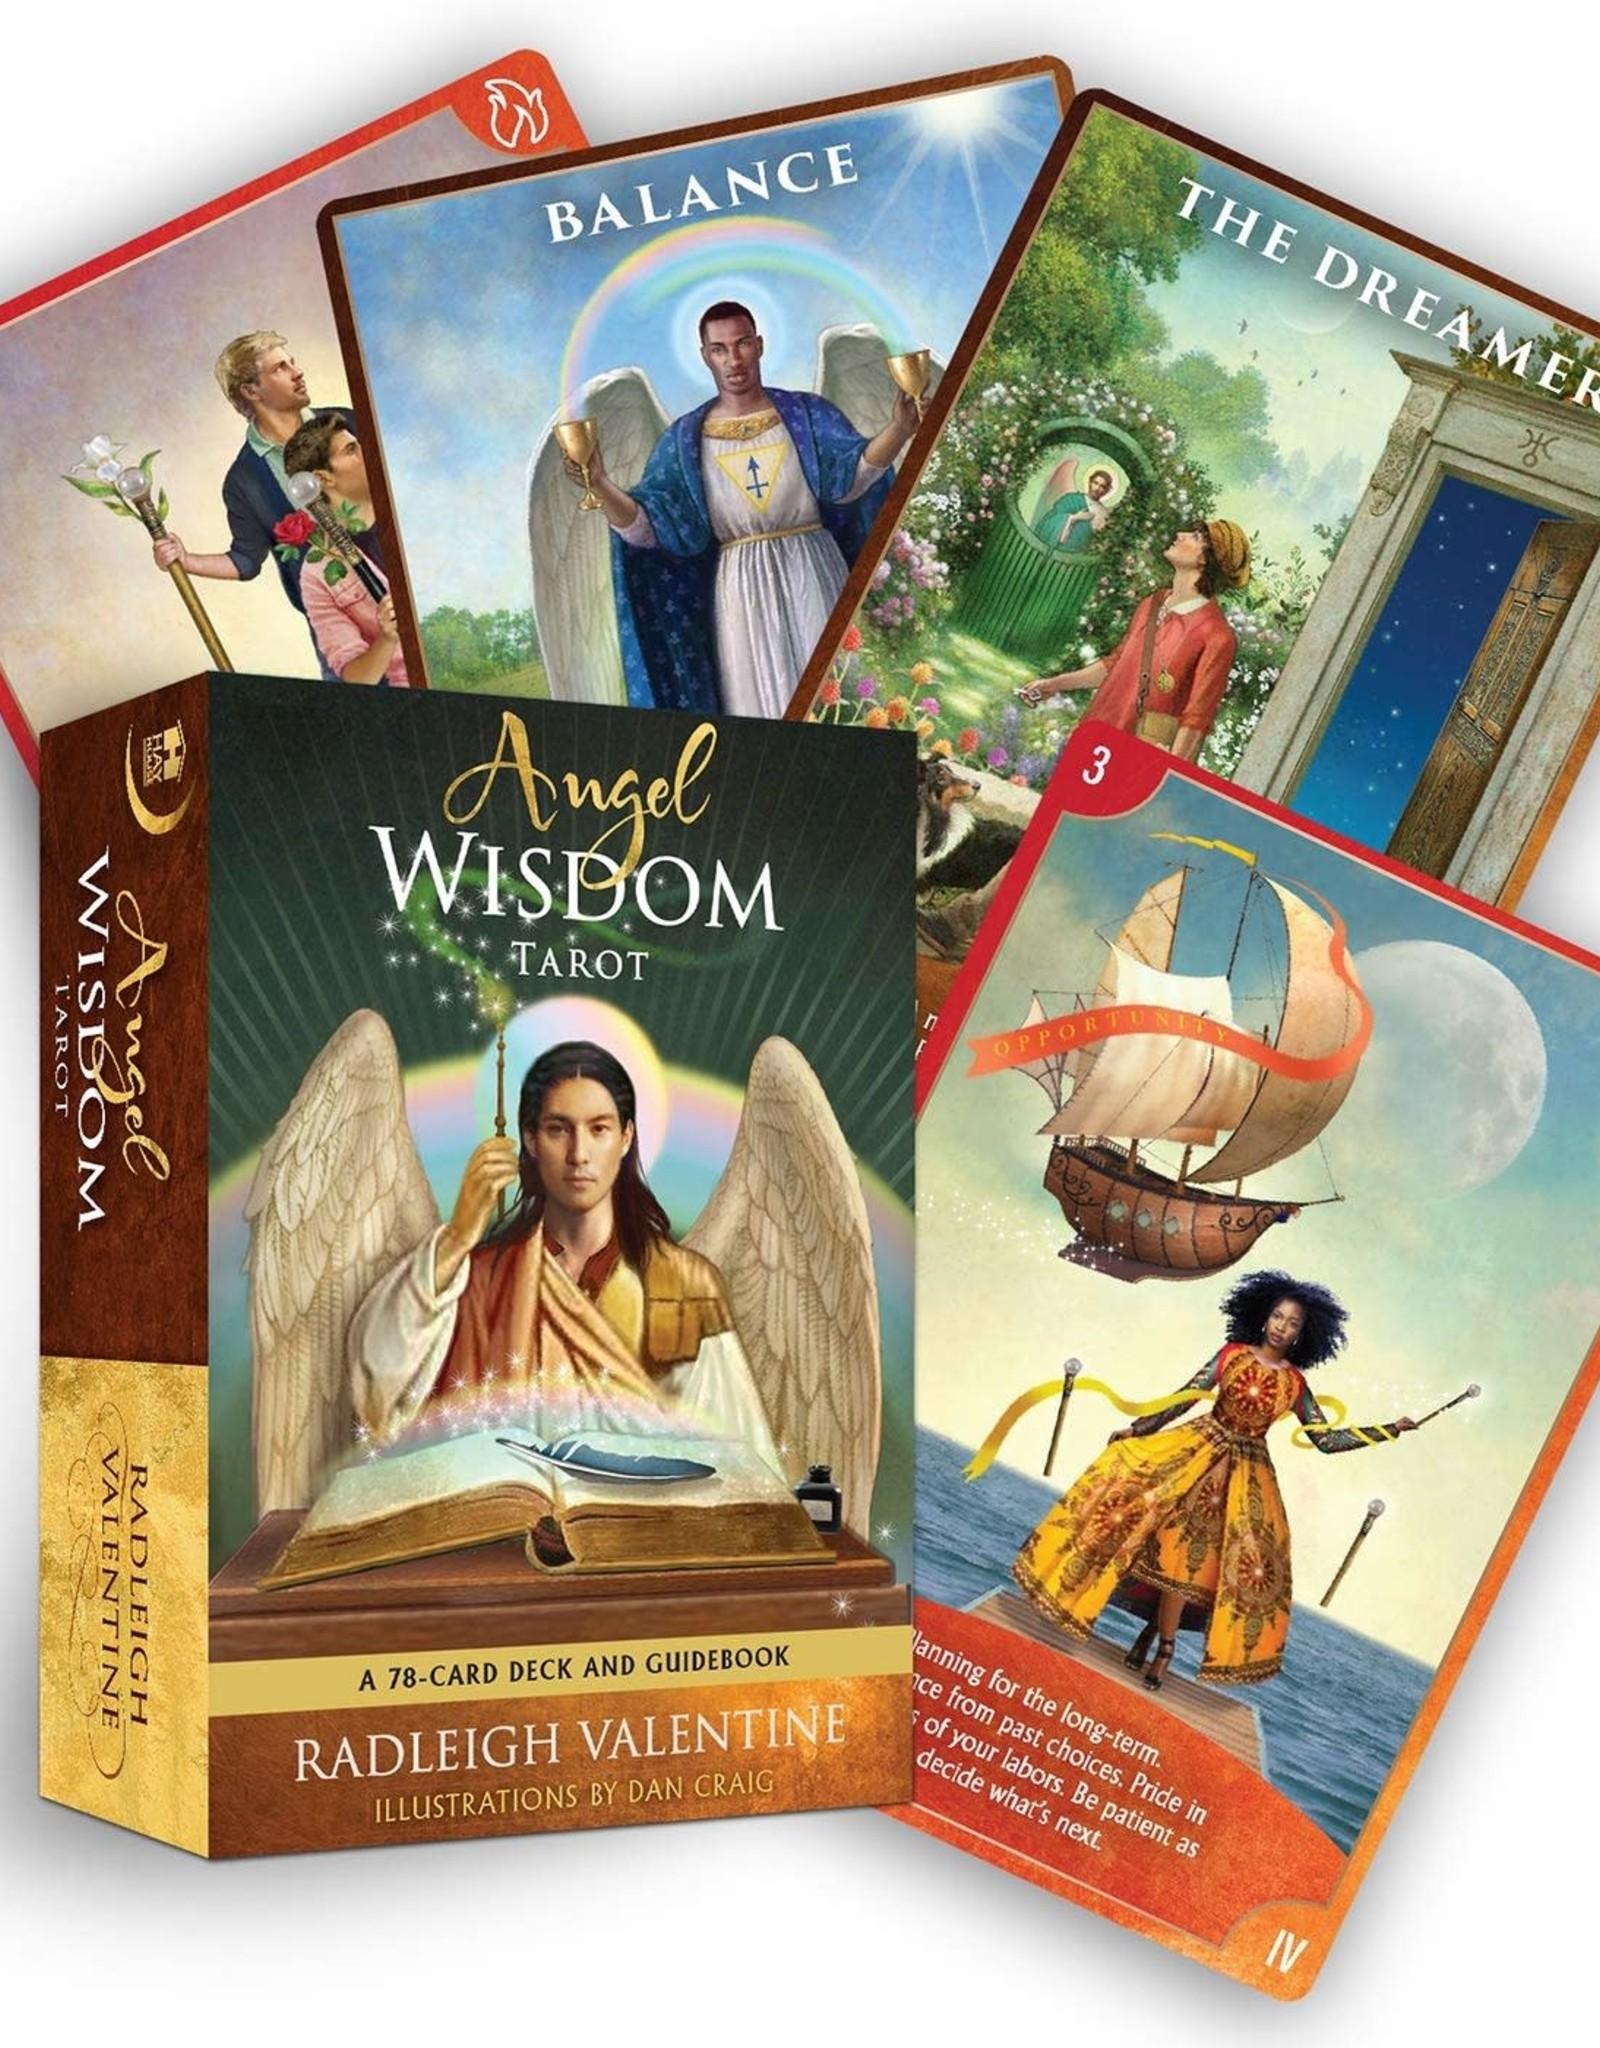 Radleigh Valentine Angel Wisdom Tarot by Radleigh Valentine